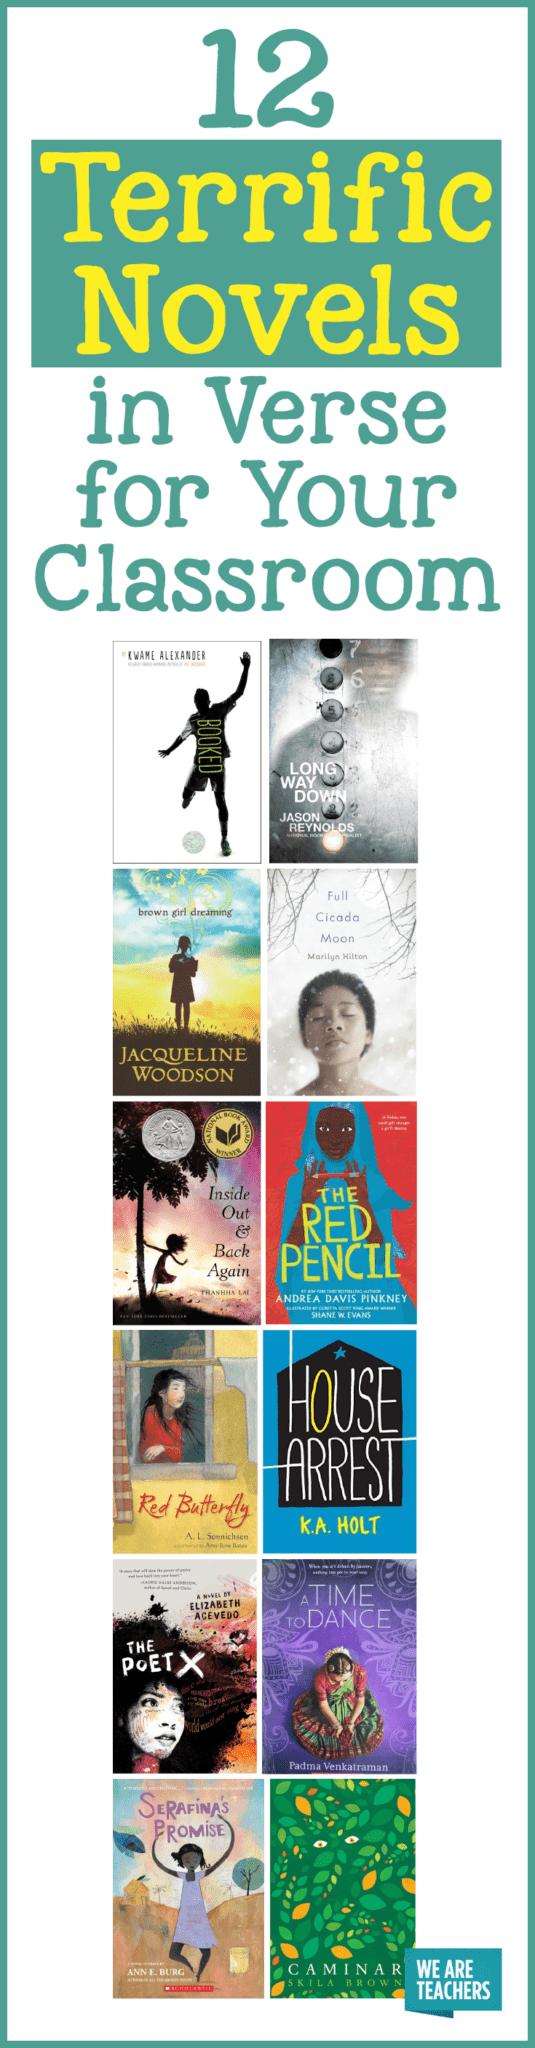 12 terrific novels